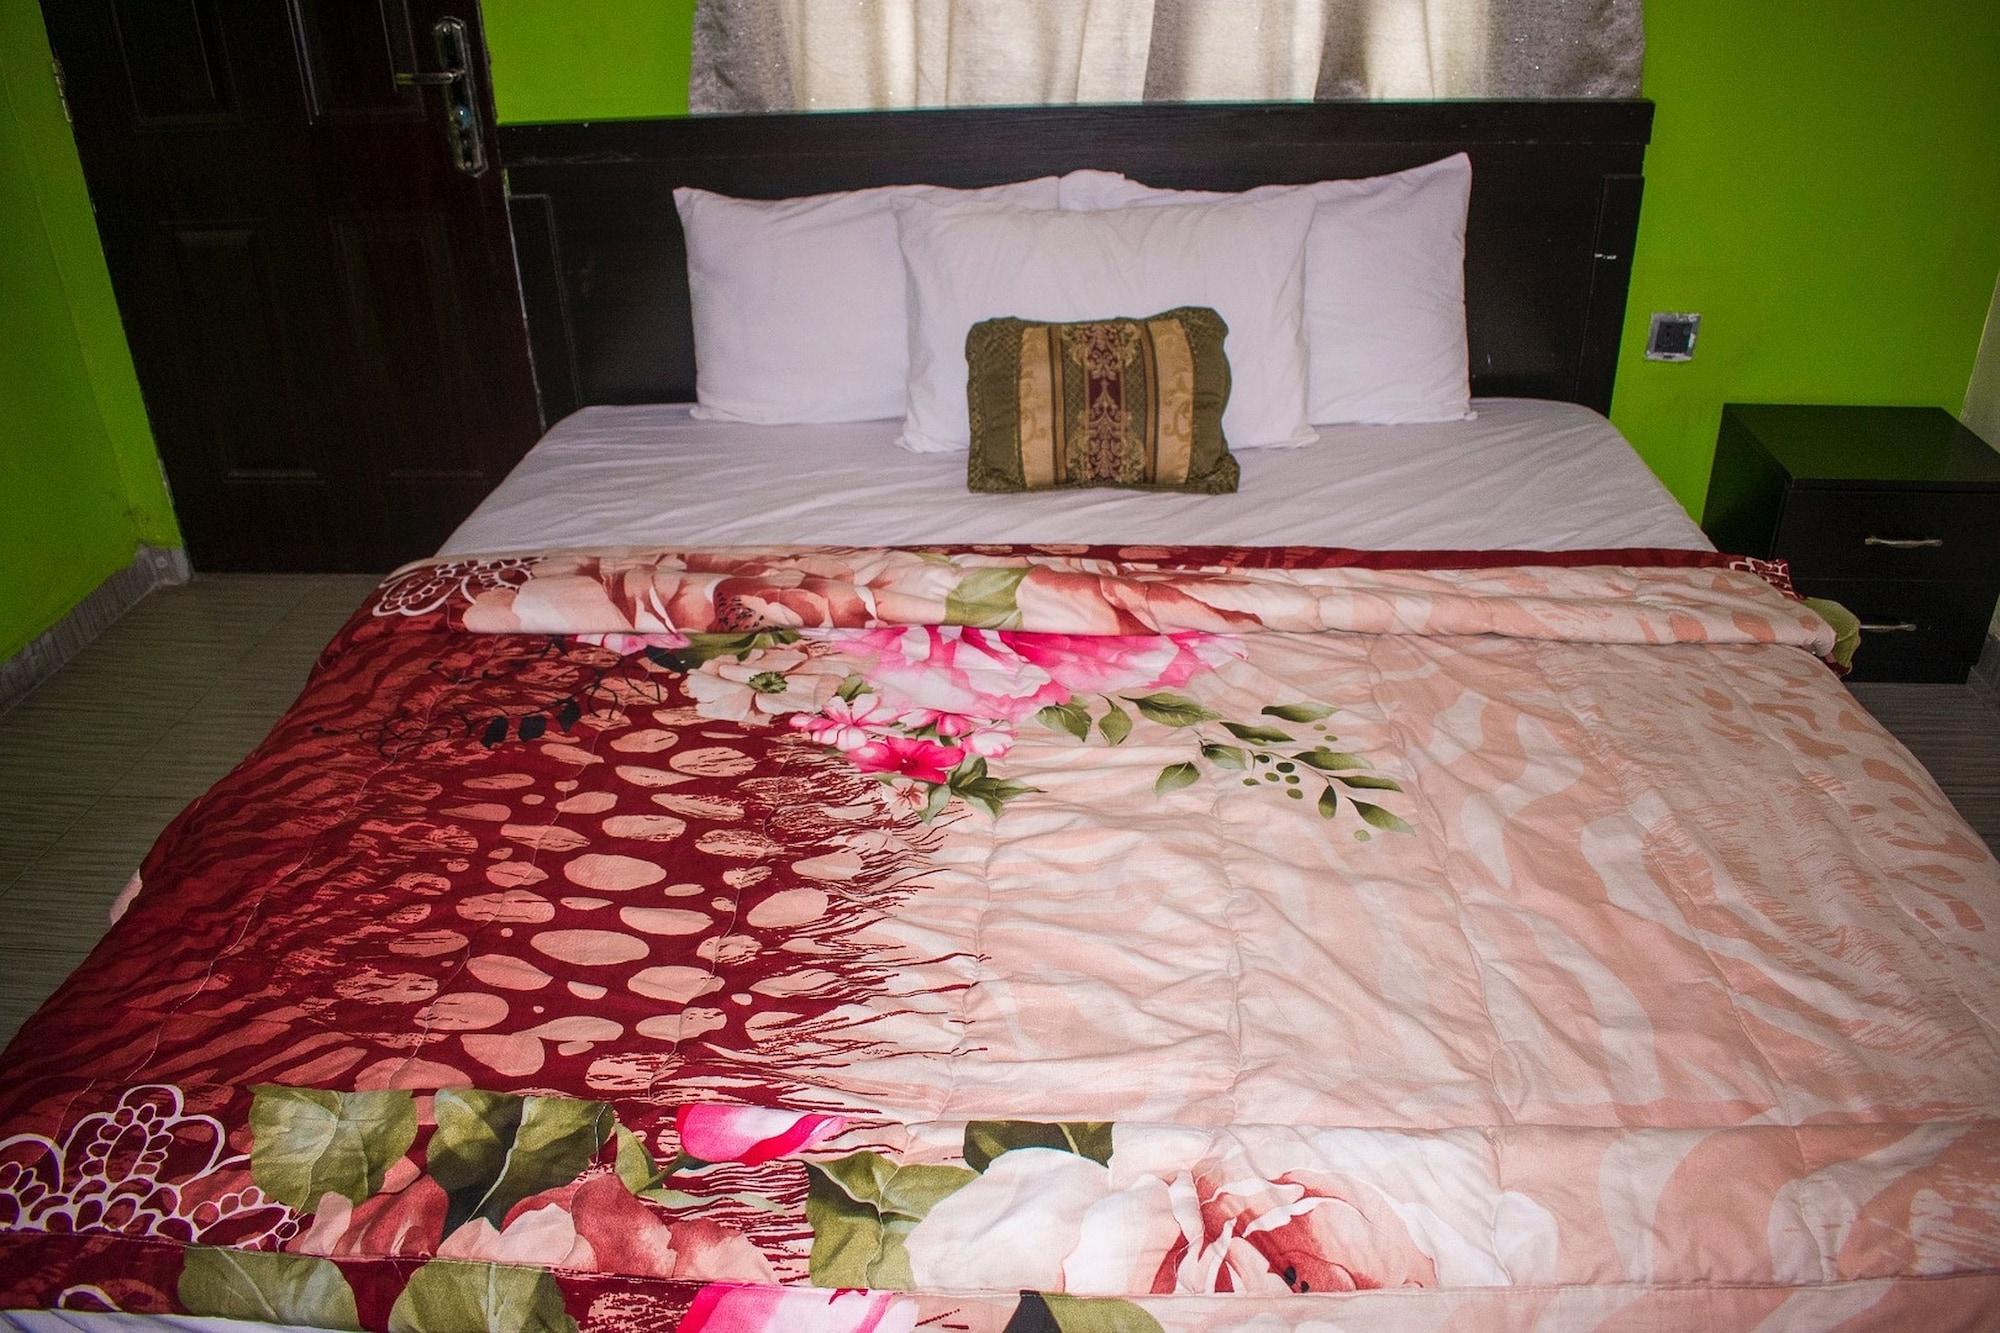 Impex Edge Hotel & Suites, Apapa